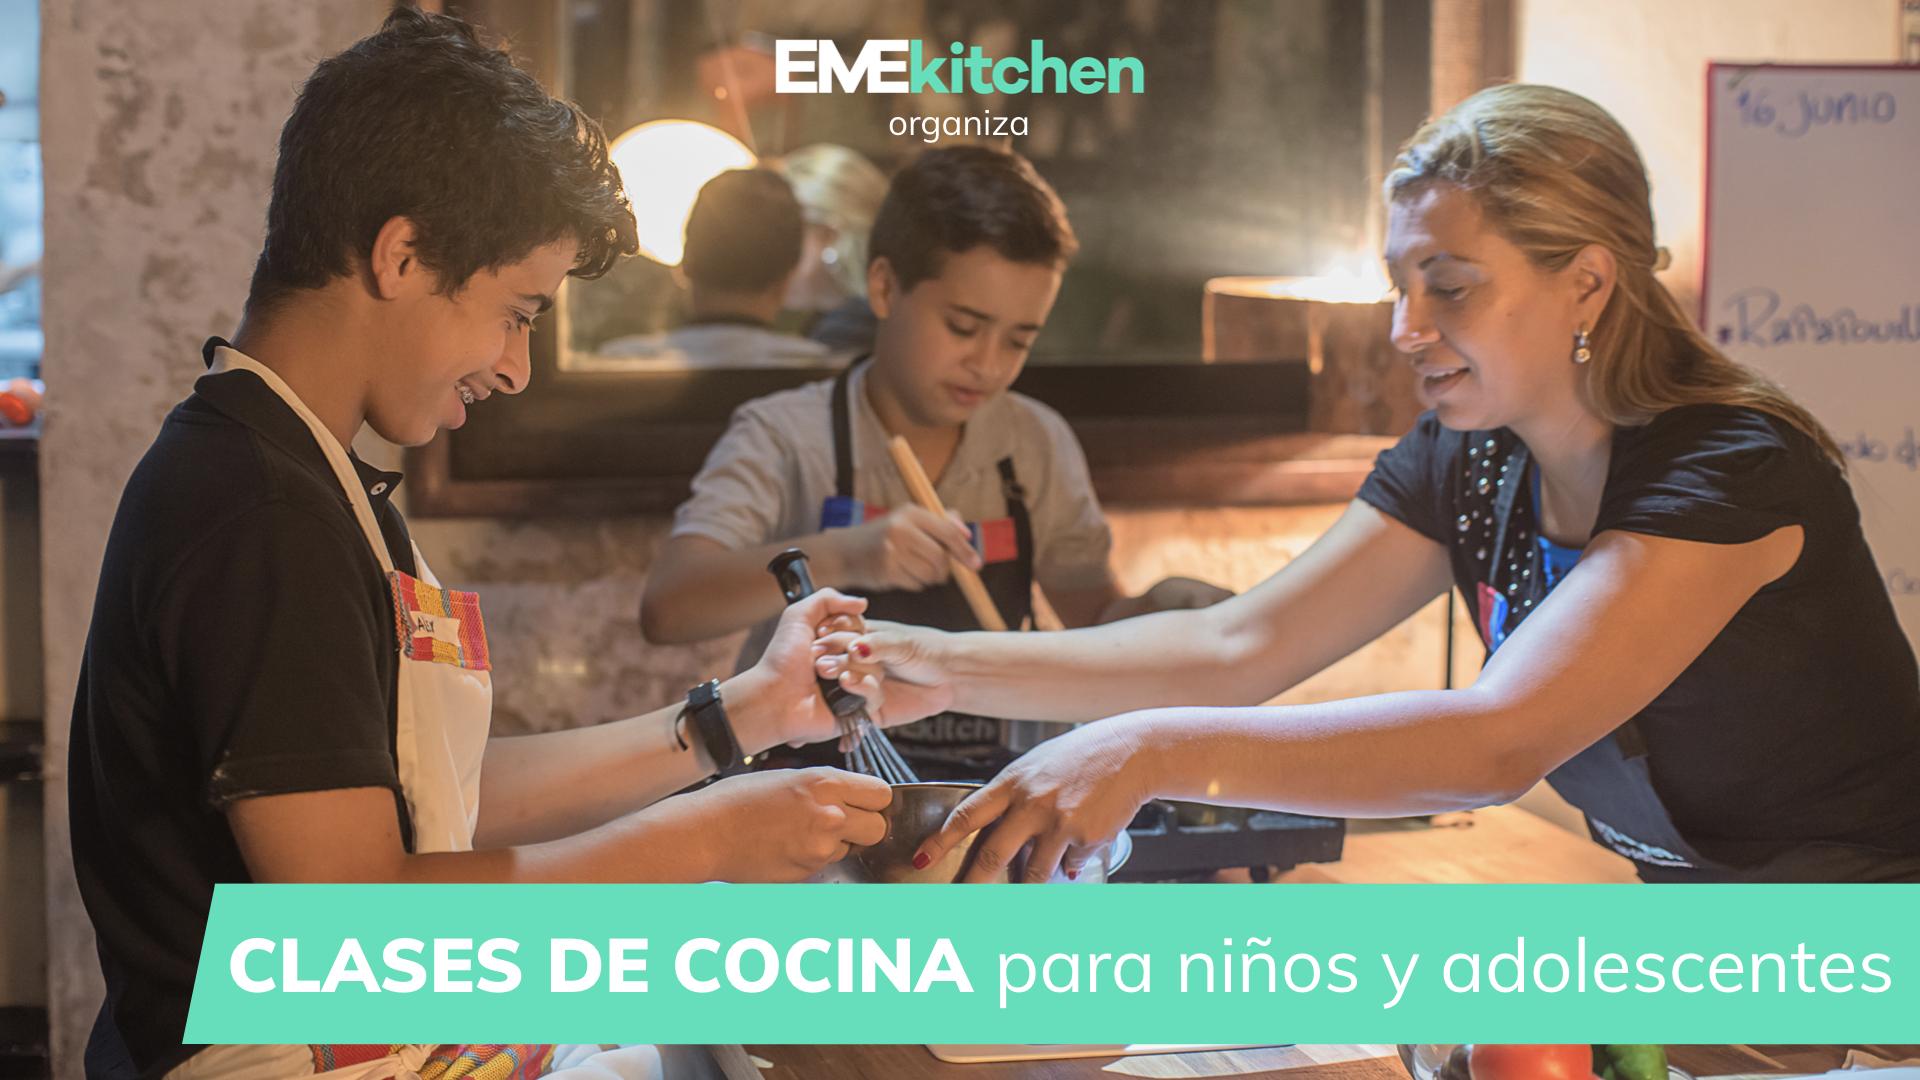 Descaraga CLASES DE COCINA para niños